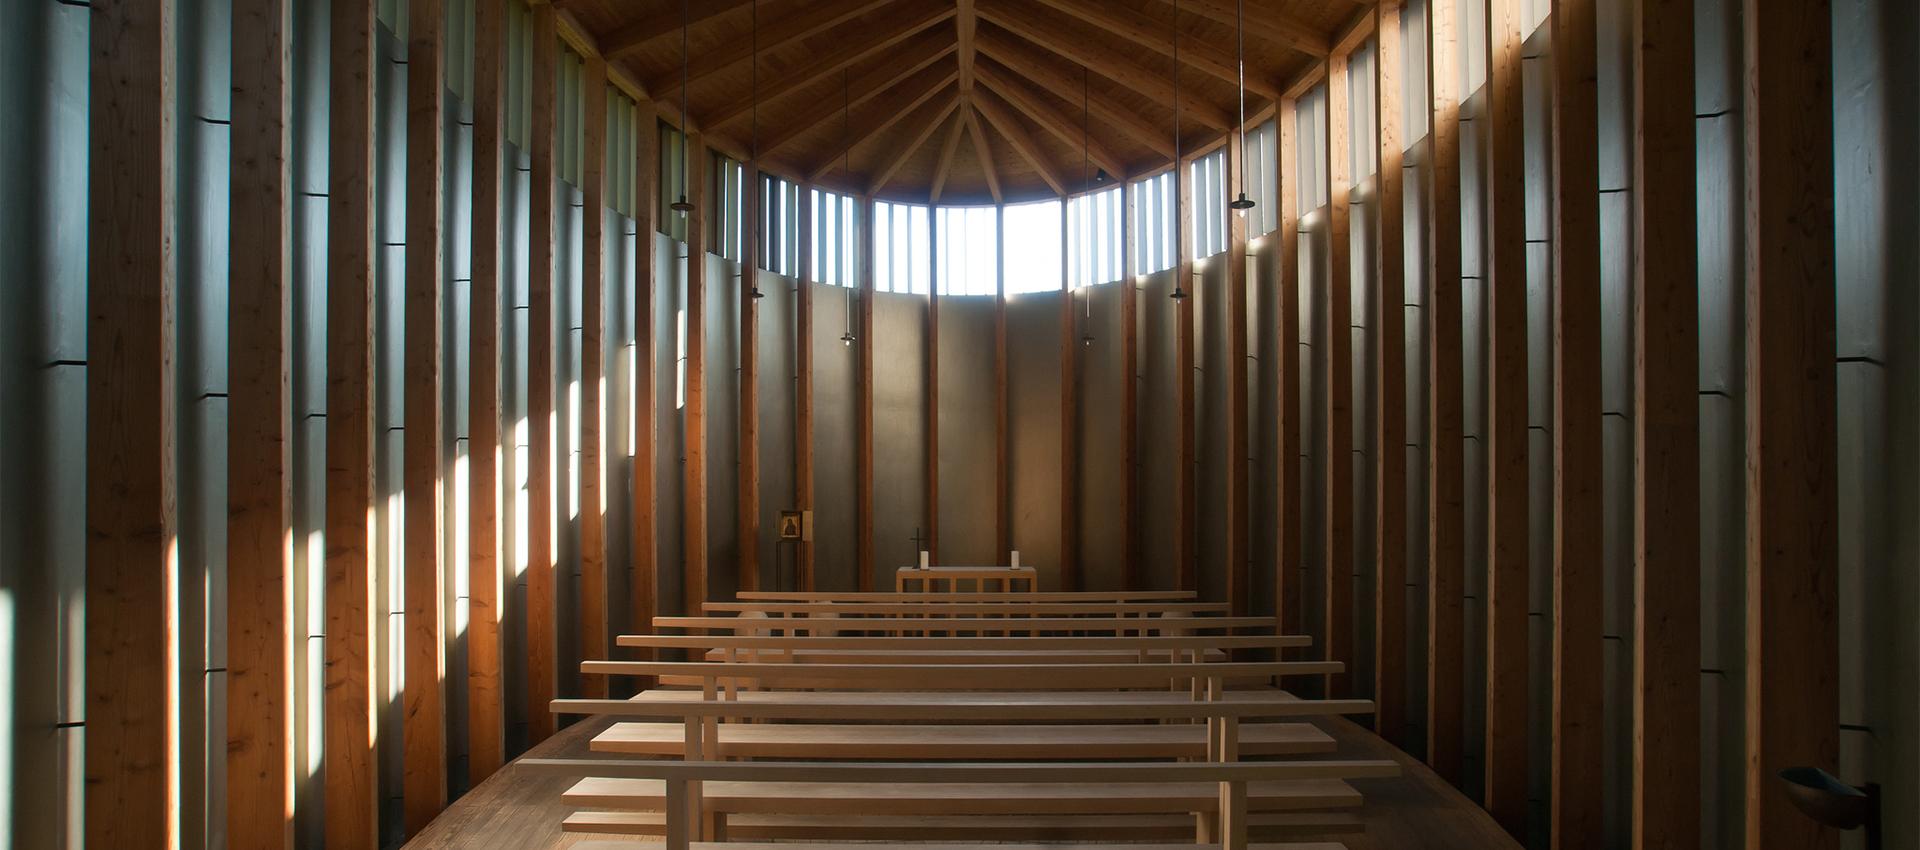 Vista interior de la capilla de San Benedicto por Peter Zumthor. Fotografía © Felipe Camus